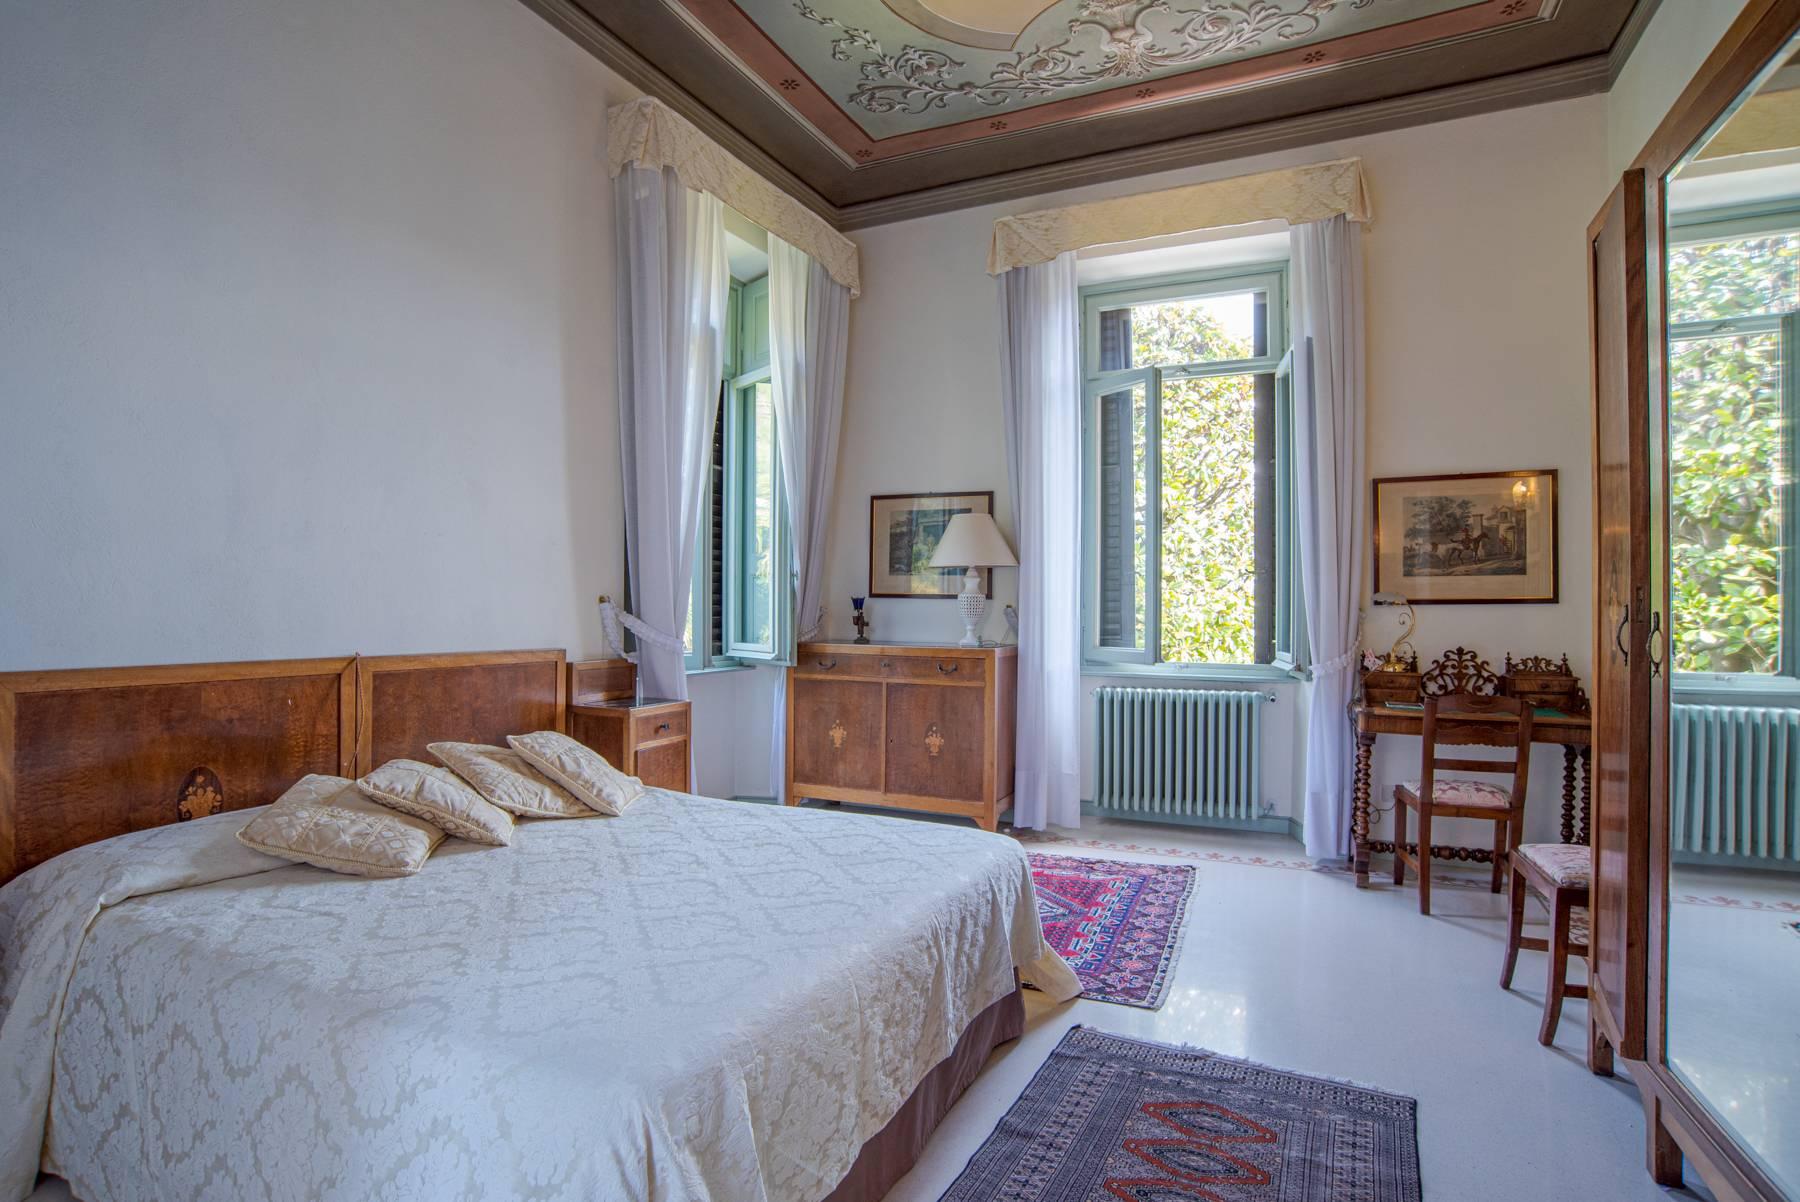 Villa in Vendita a Tremezzina: 5 locali, 650 mq - Foto 22